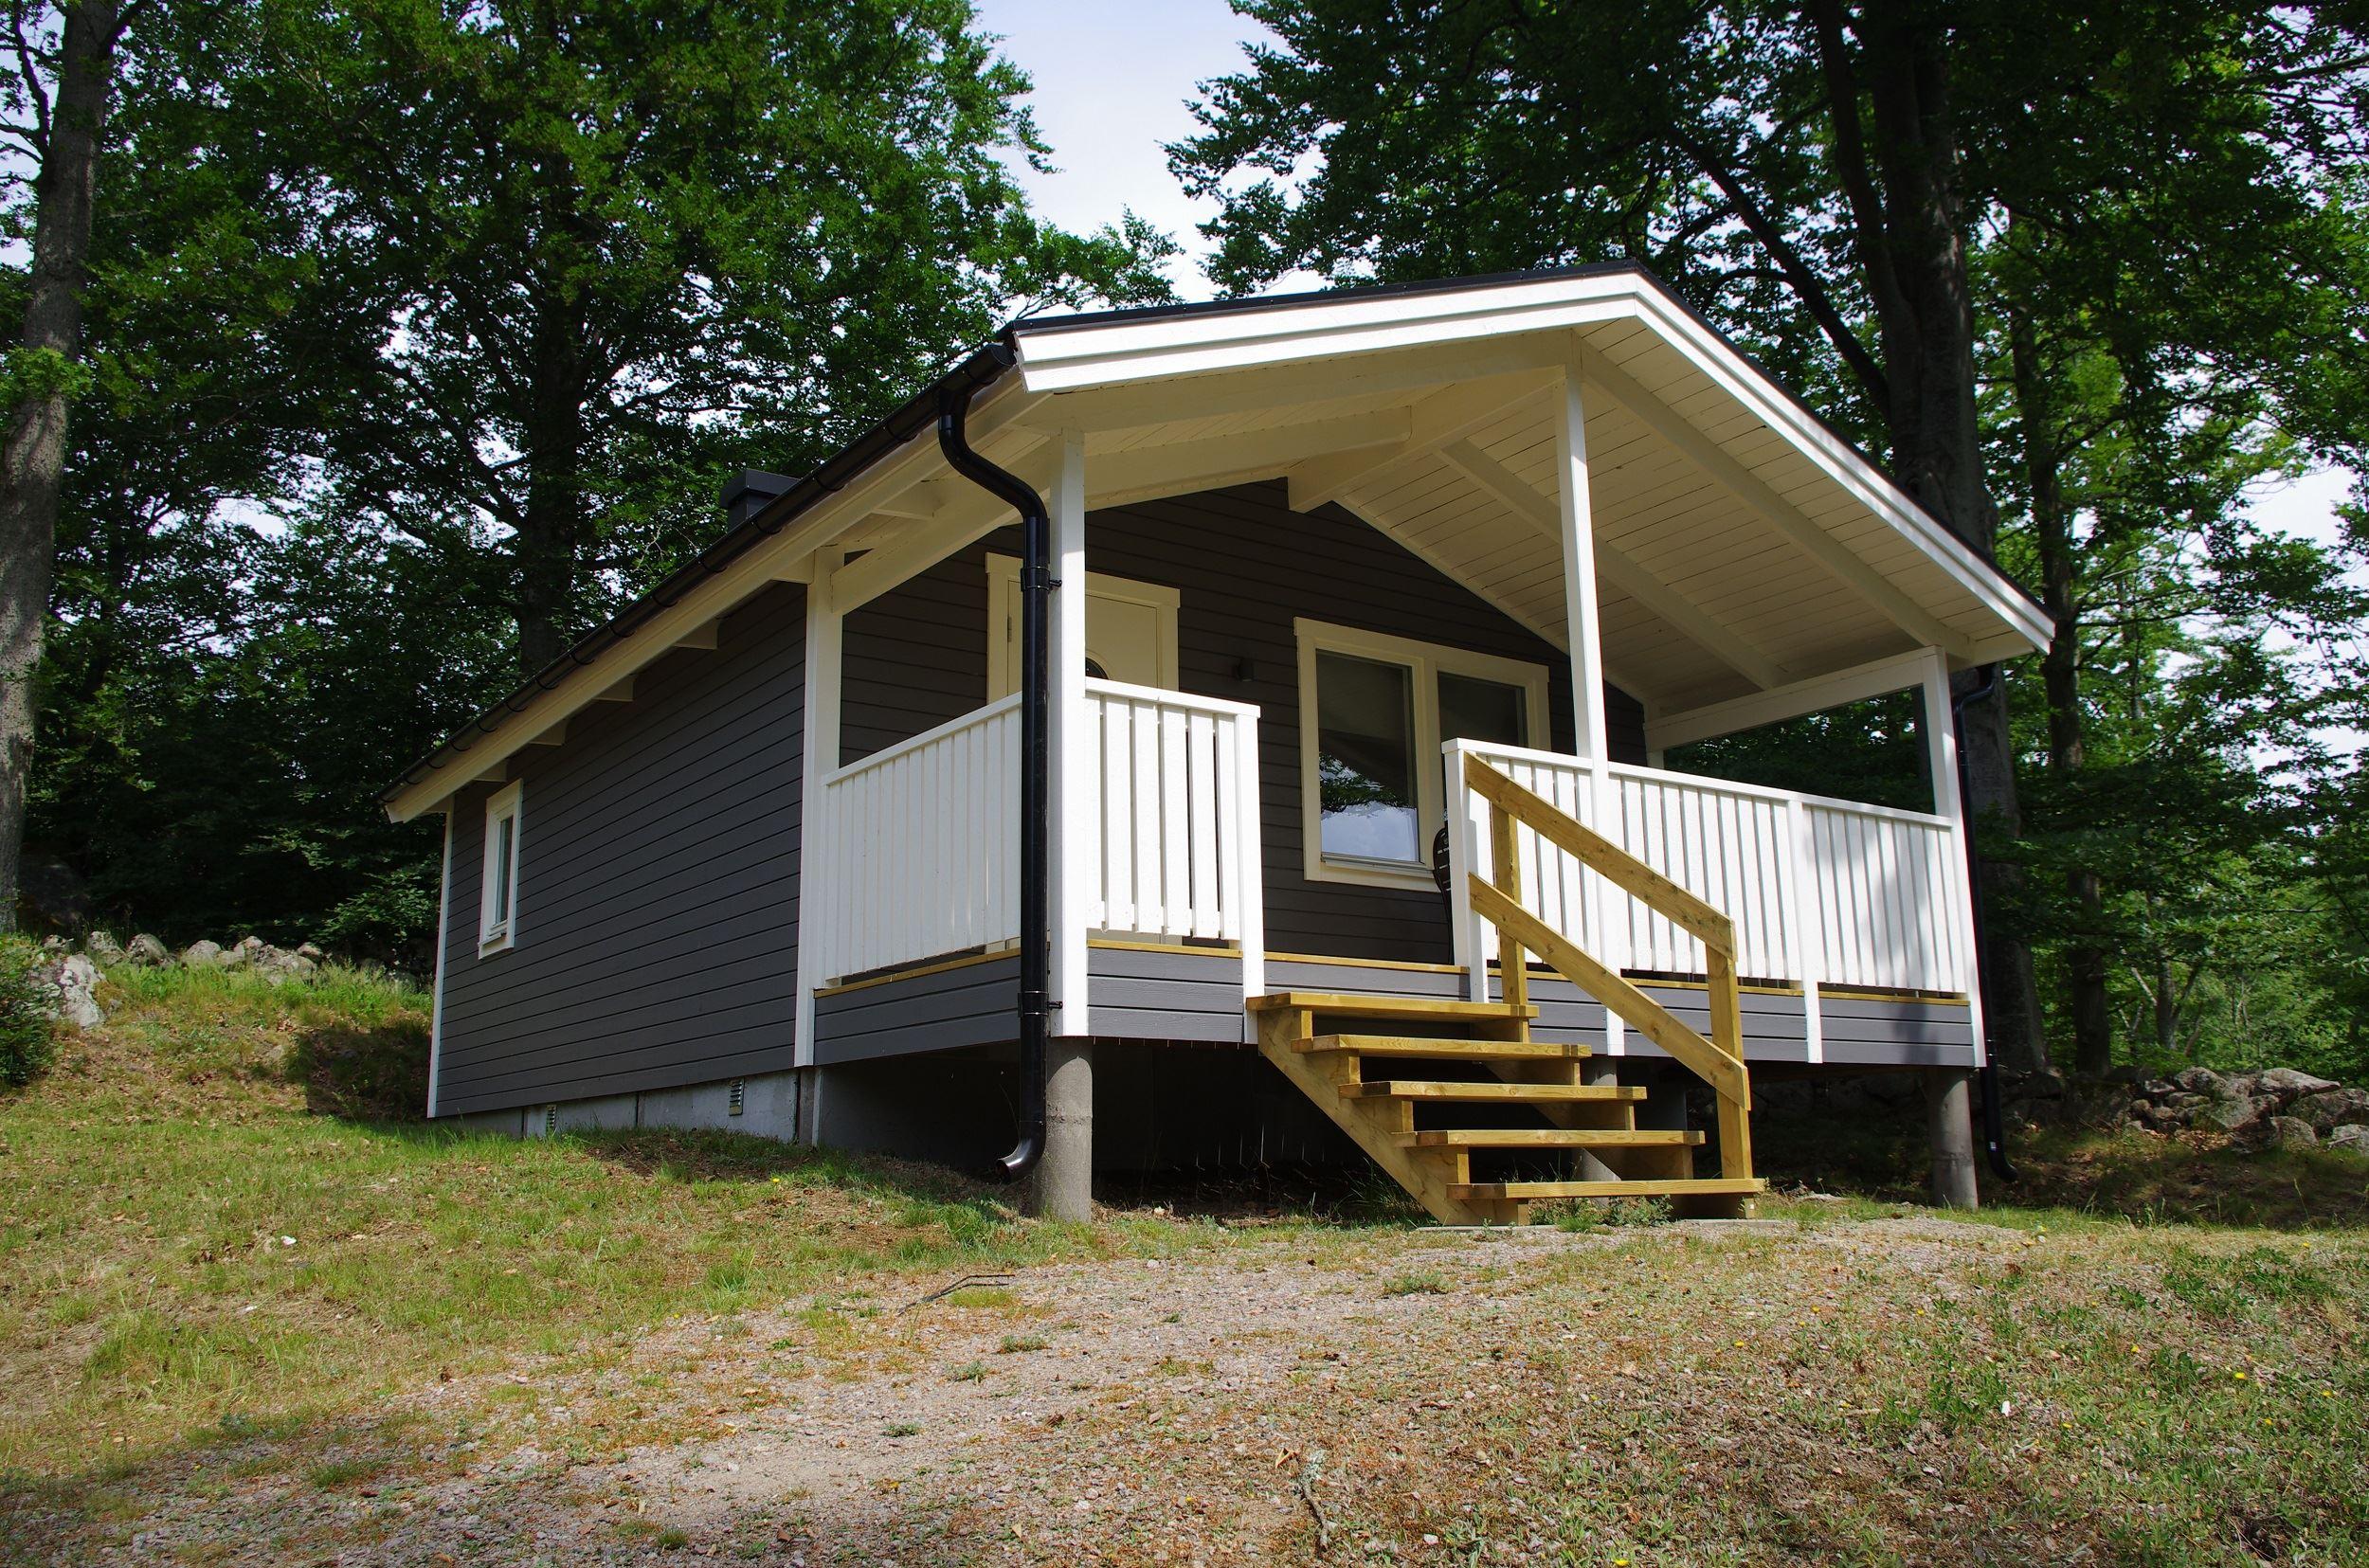 Kolleviks Camping /Cottages